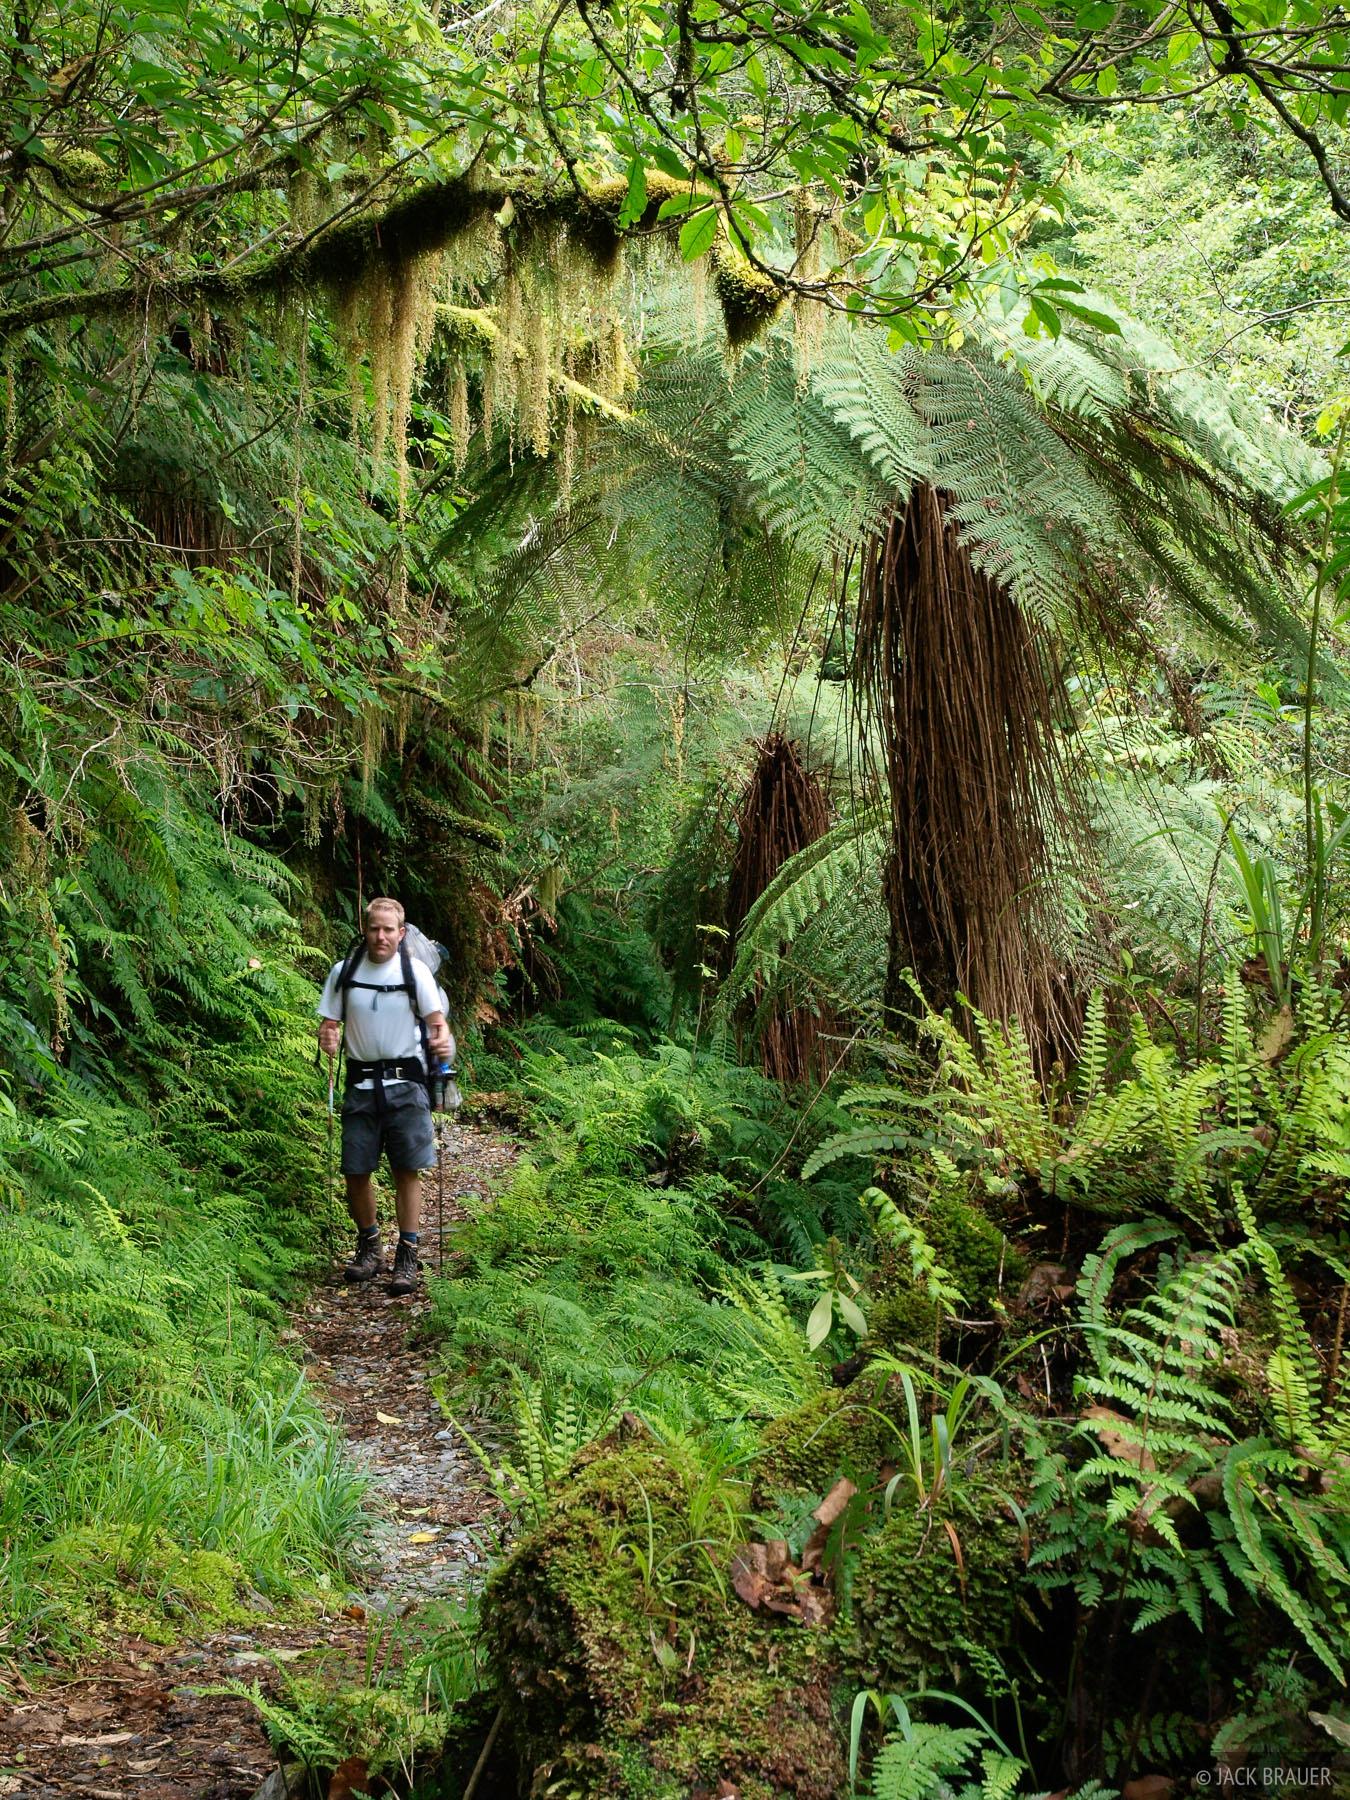 New Zealand, Copeland Track, hiking, photo